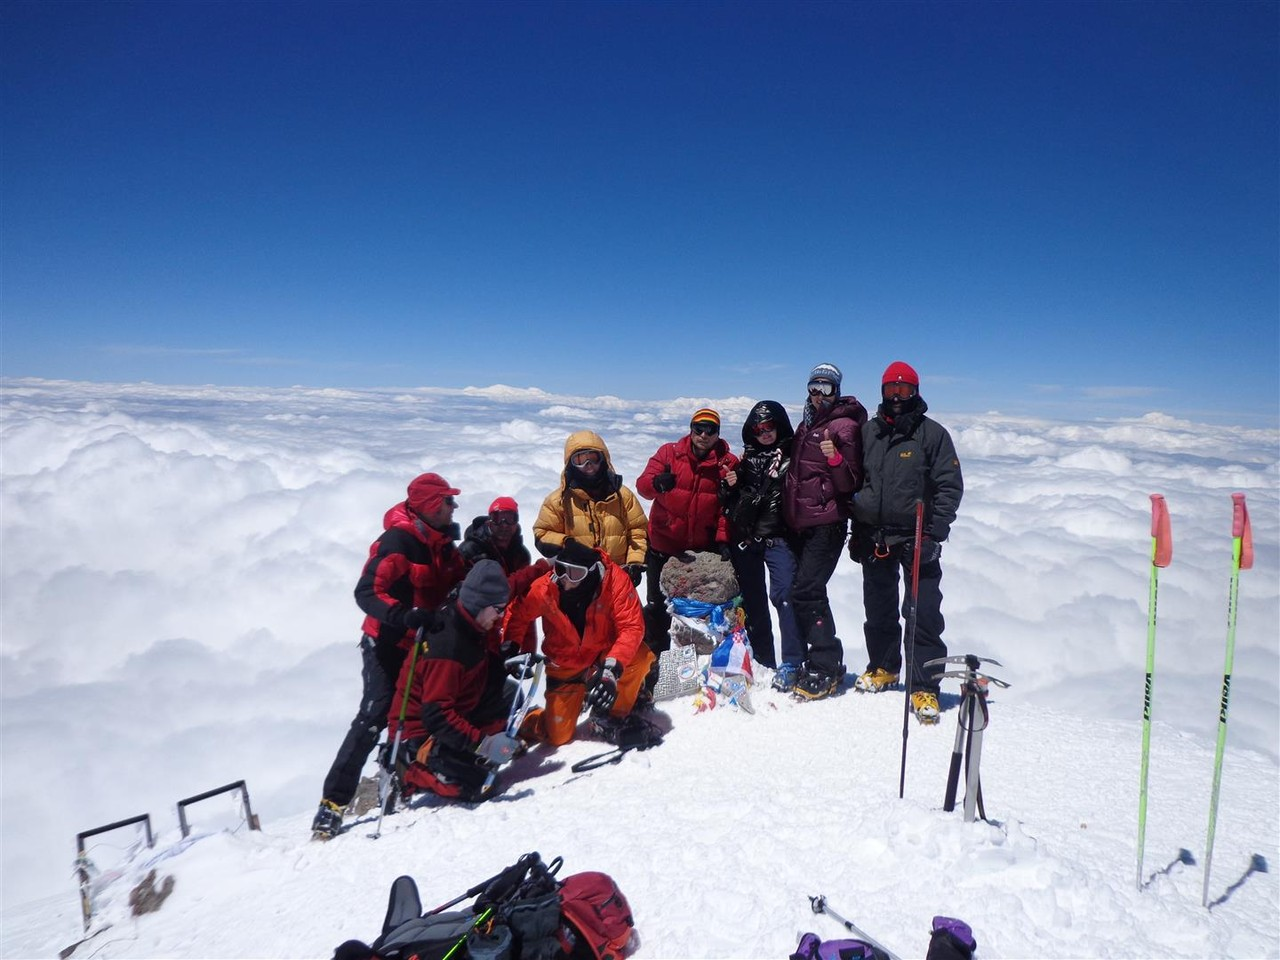 Team am Gipfel 3 Briten, 4 Russen 1 Ukrainer und ich